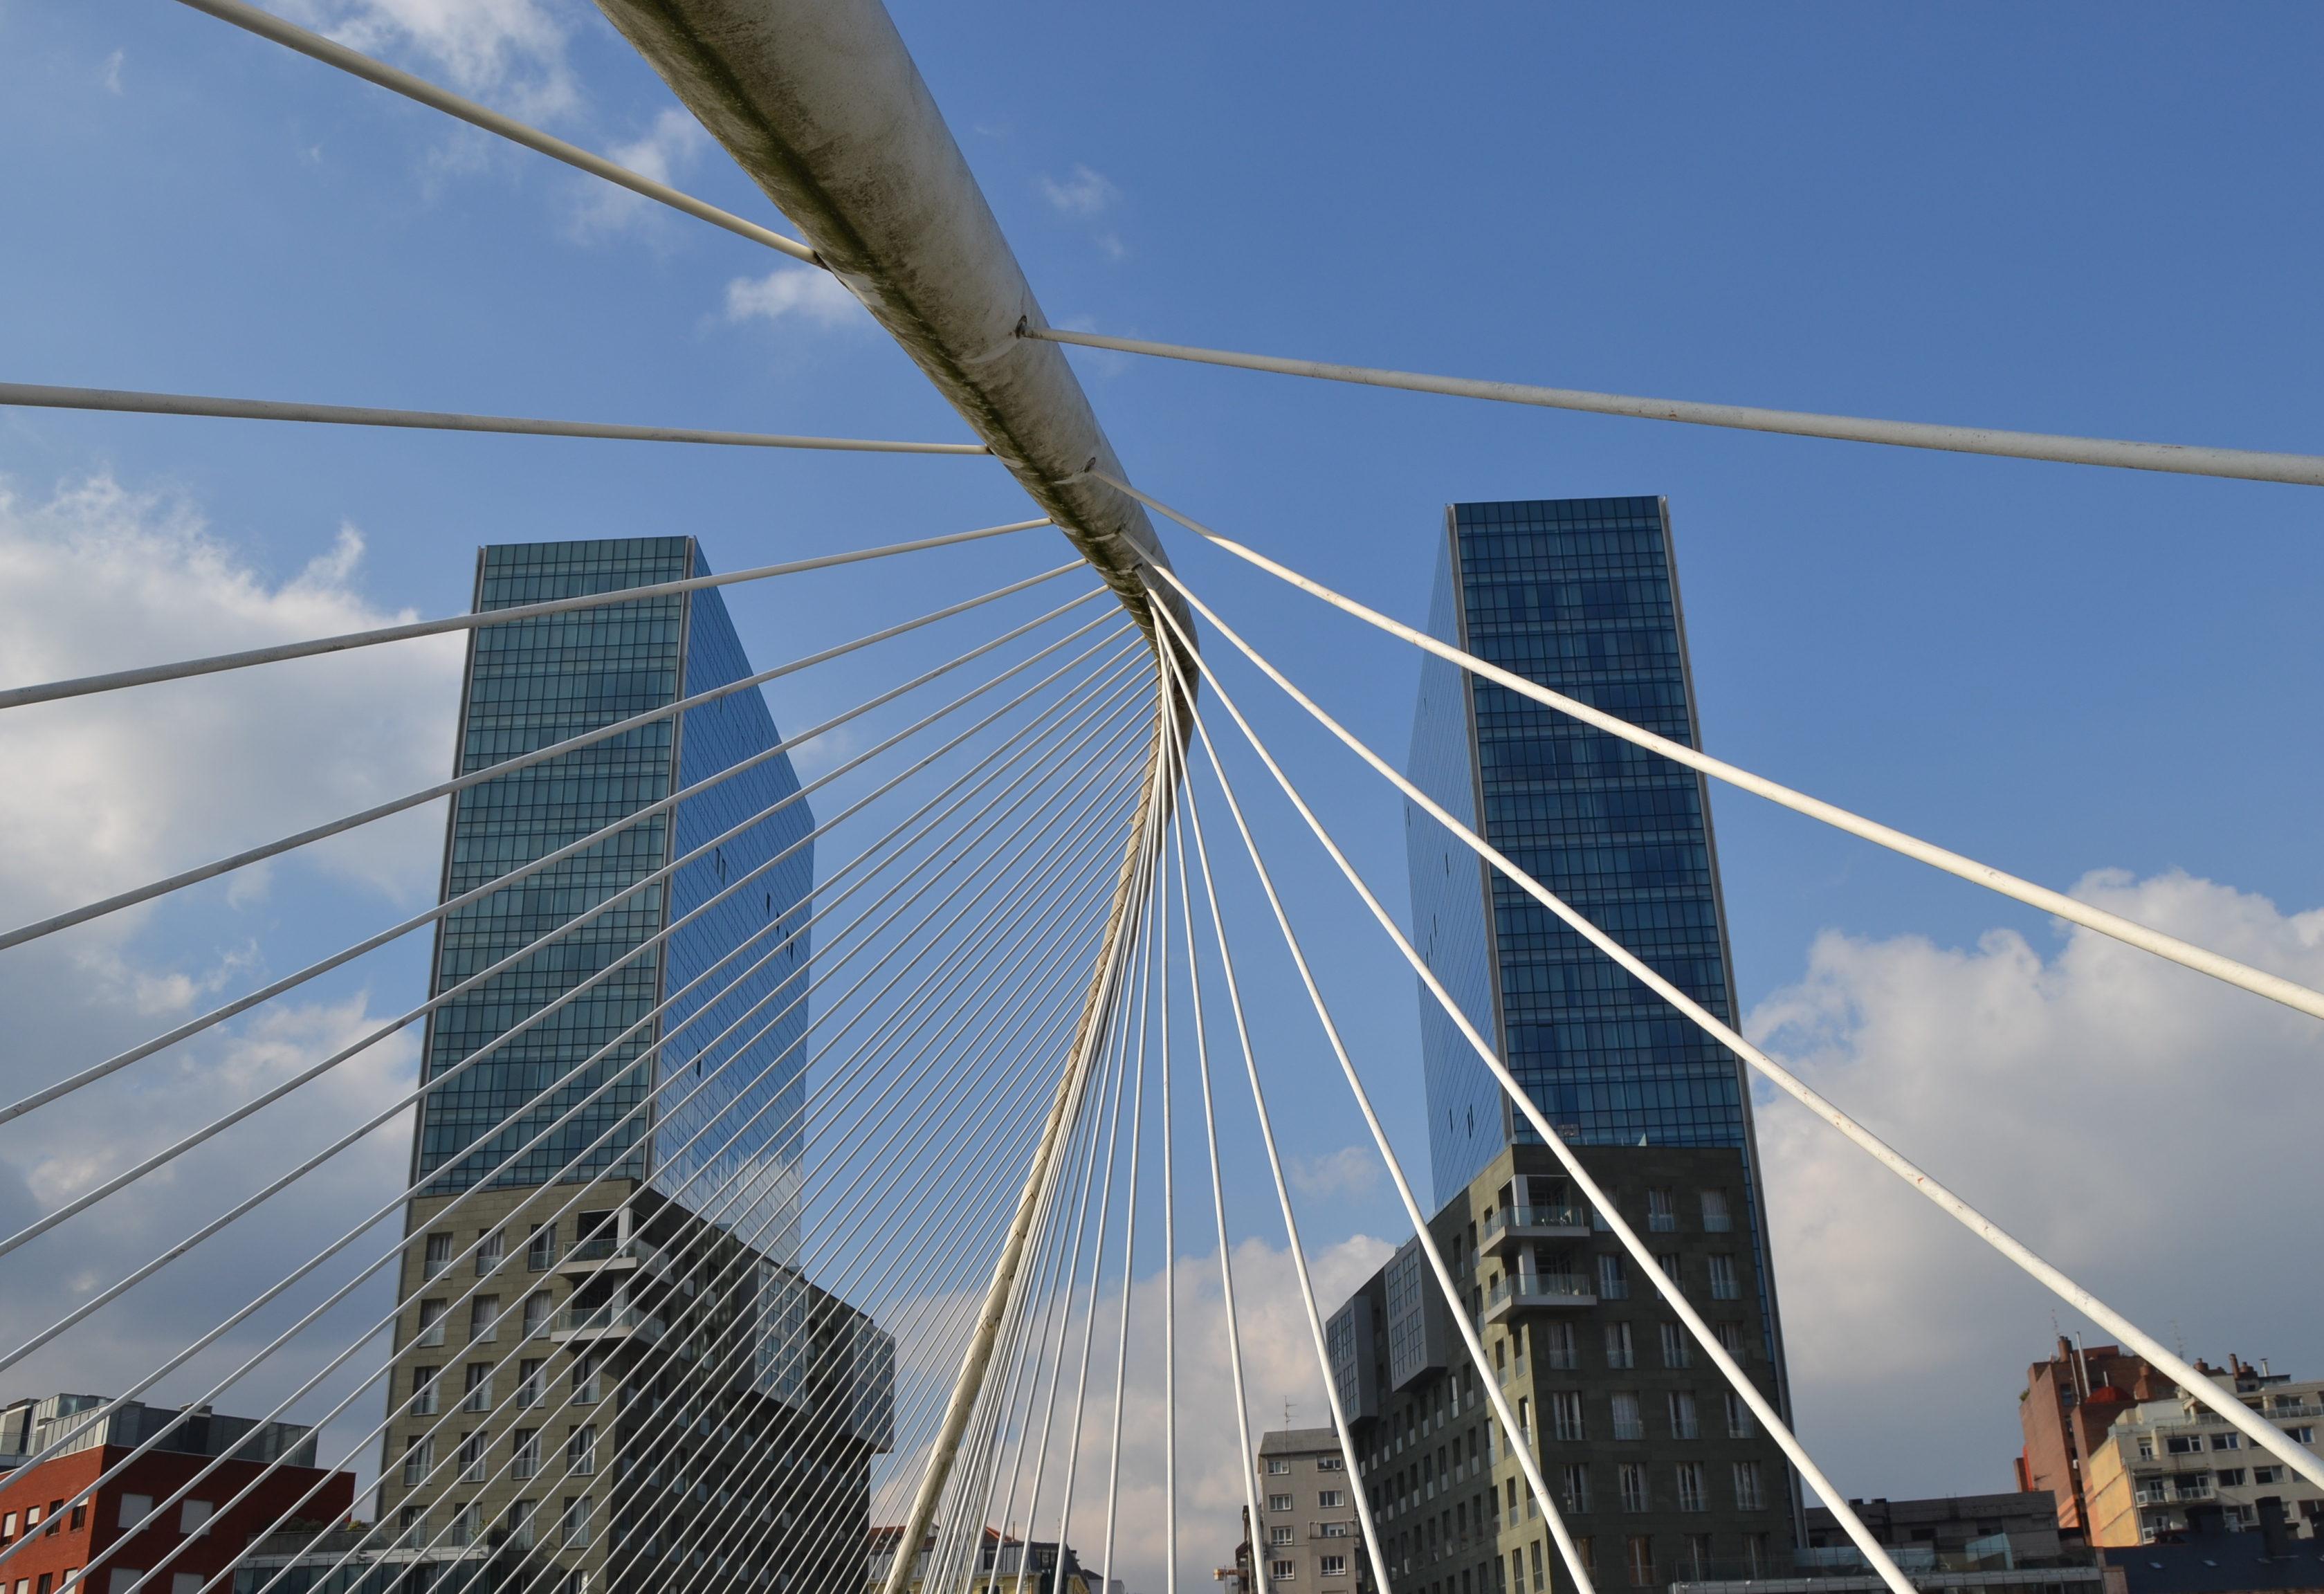 Quoi faire à Bilbao en 3 jours - Pont Zubizuri séjour à Bilbao 3 jours à Bilbao quoi faire à Bilbao quoi voir à Bilbao les p'tits touristes blog voyages les p'tits touristes